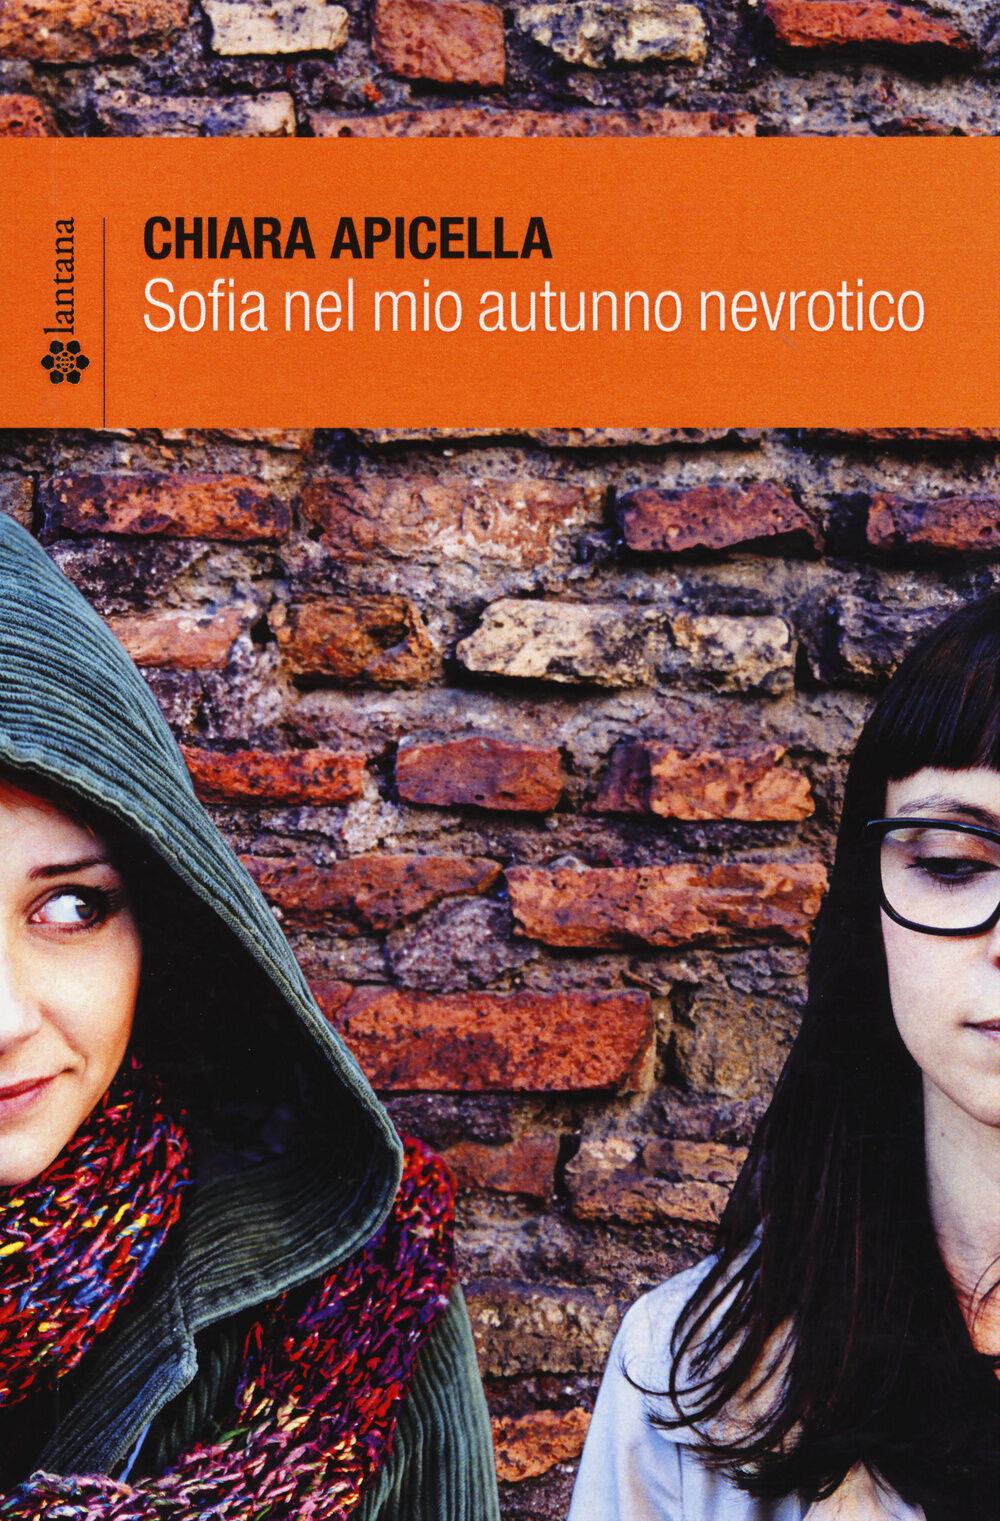 Sofia nel mio autunno nevrotico